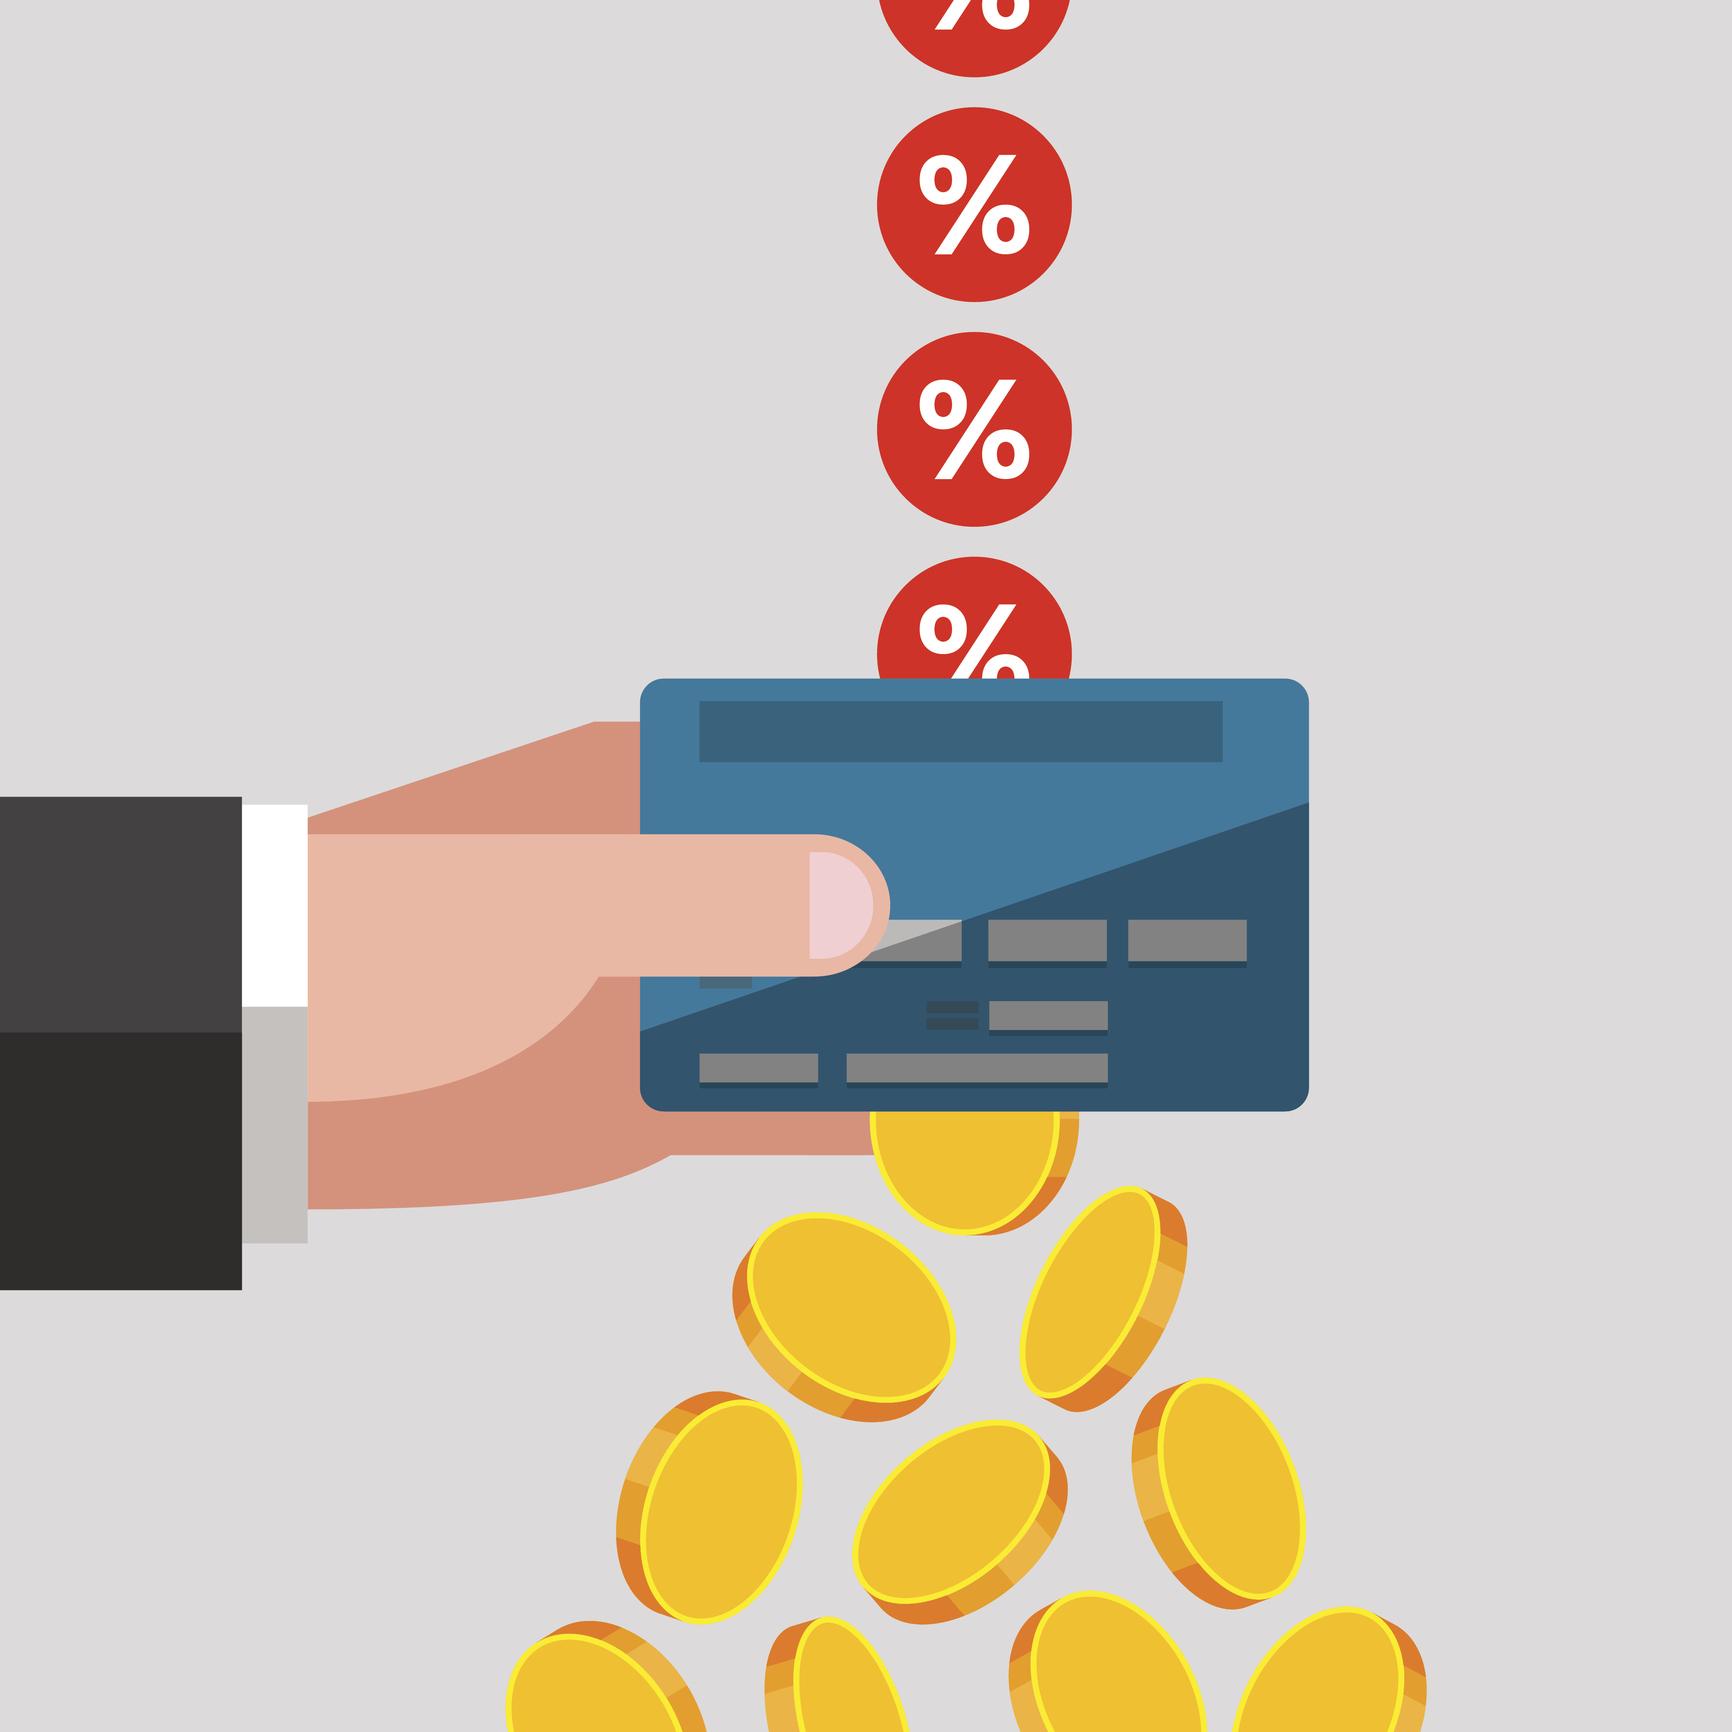 Si comienza un ciclo de facturación con un saldo pendiente, el acreedor aplica cargos por intereses a la deuda.